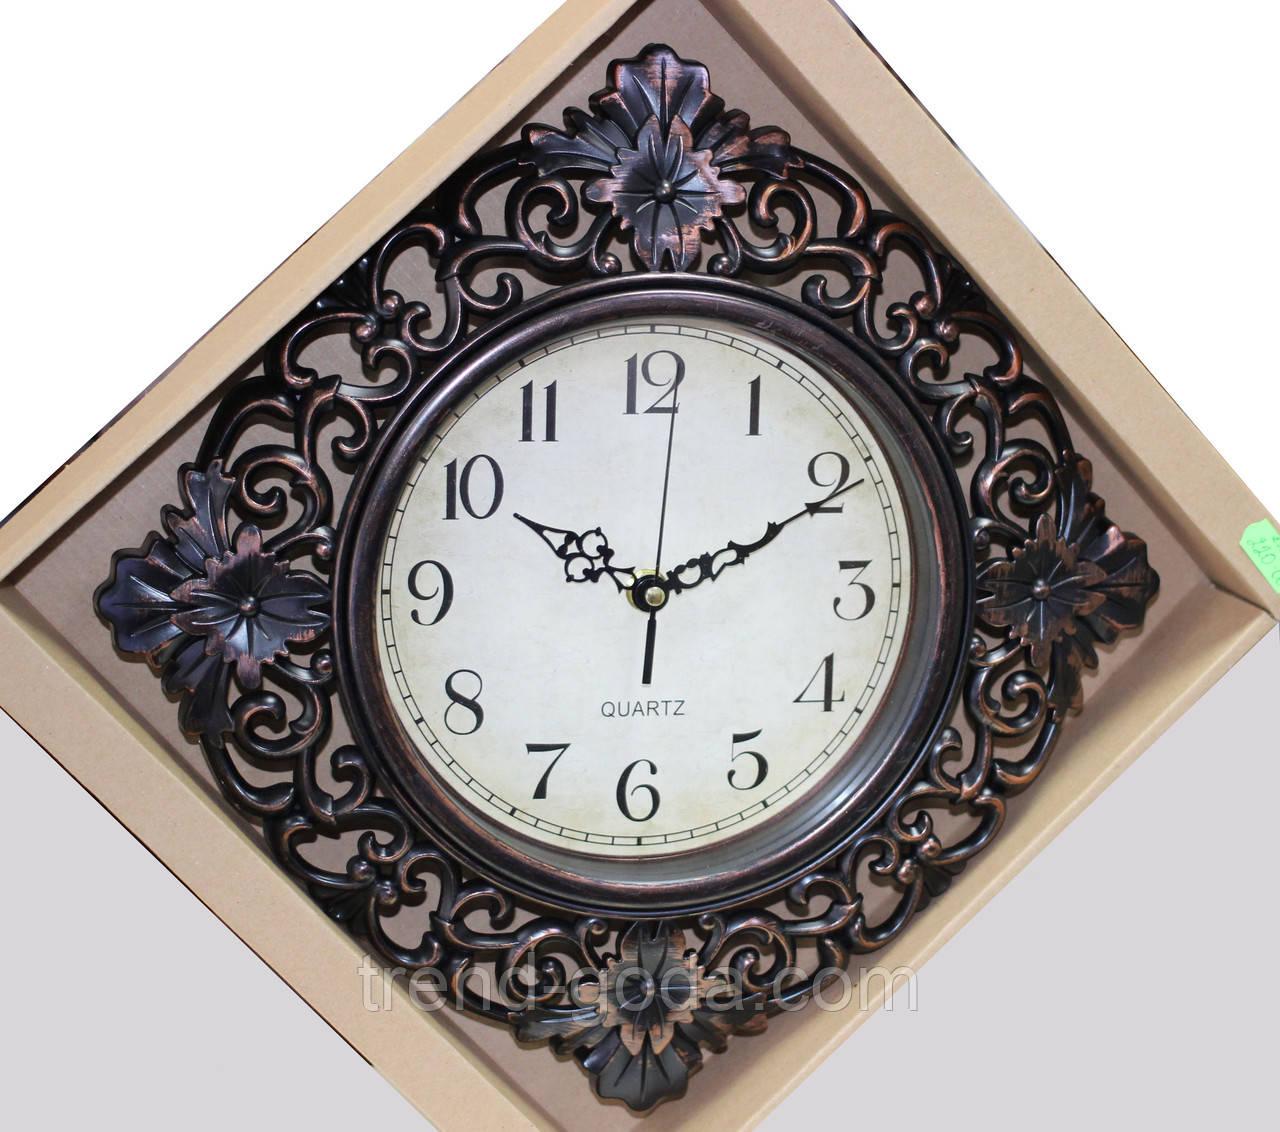 Часы темно-коричневые настенные, ромб с узором